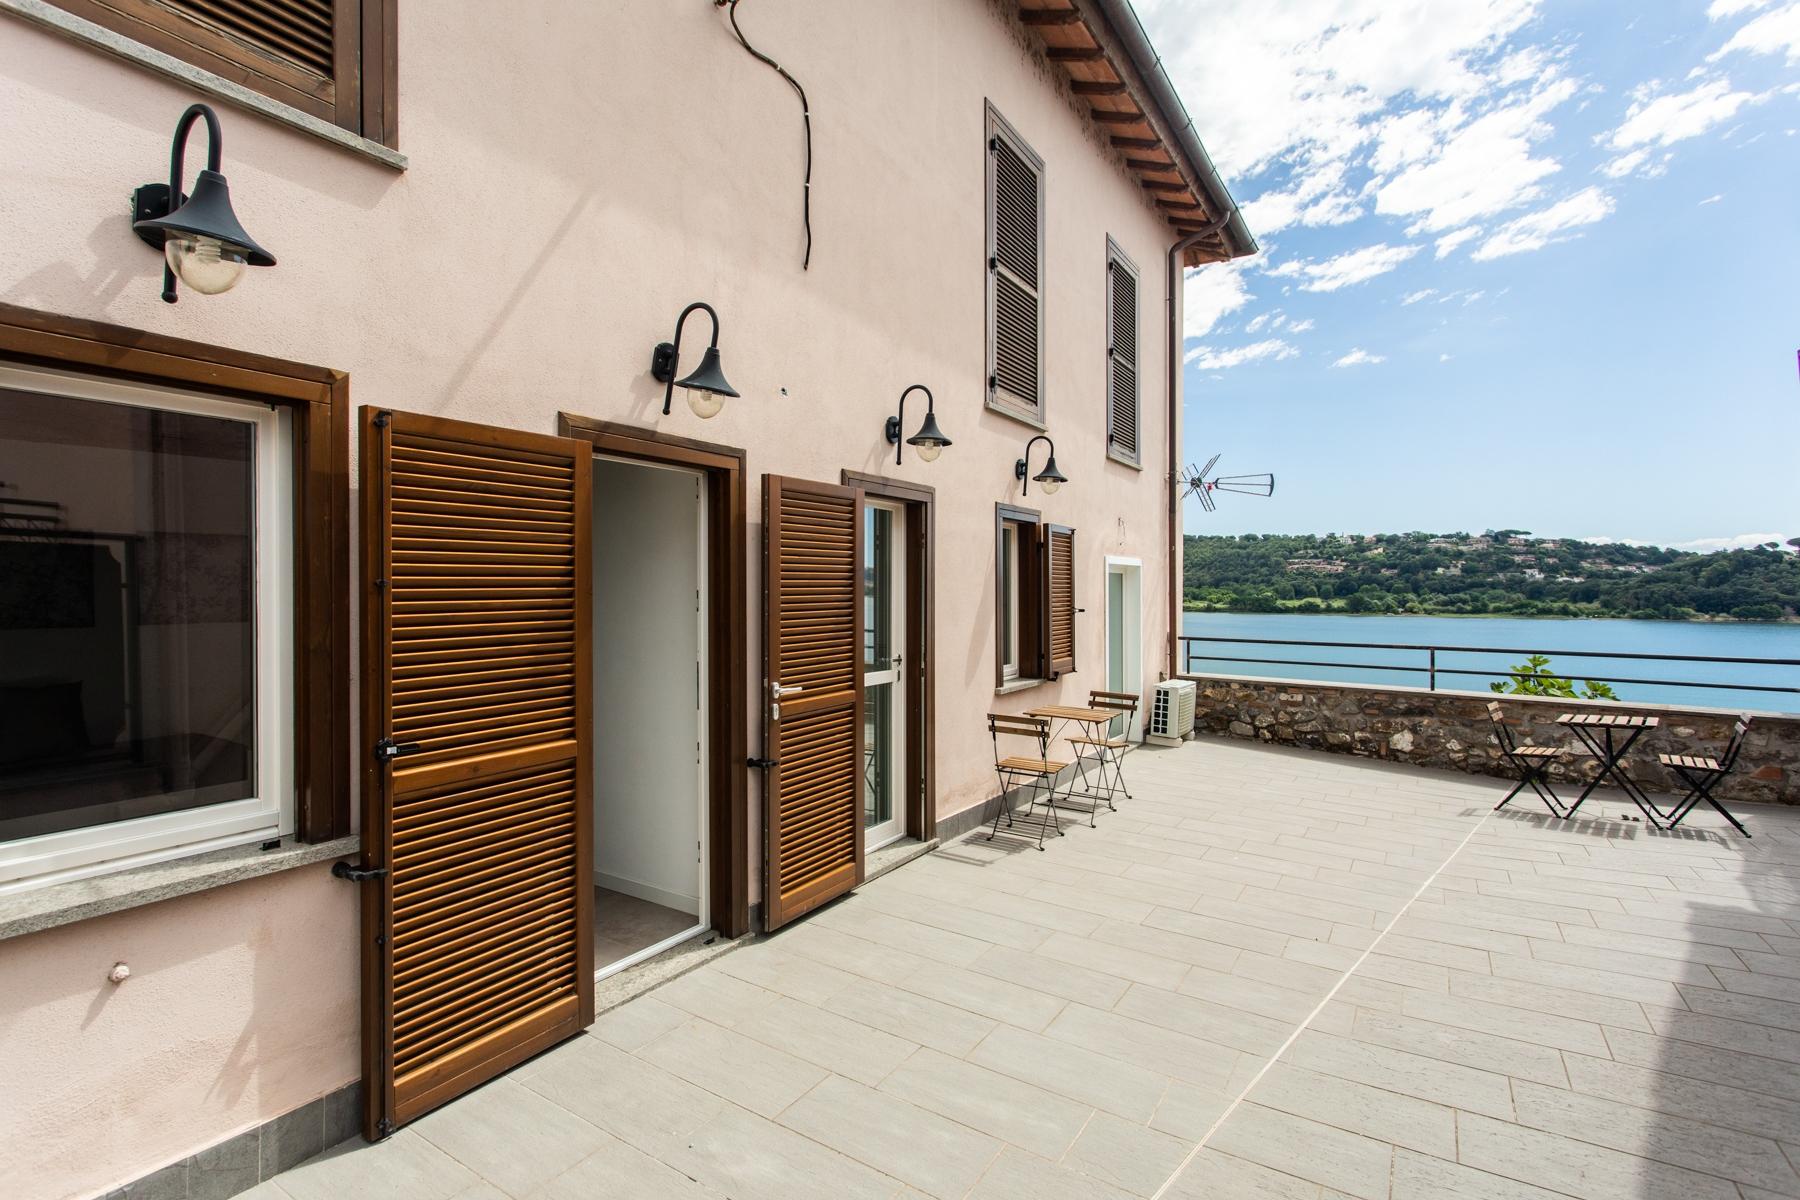 Casa indipendente in Vendita a Trevignano Romano: 5 locali, 163 mq - Foto 18